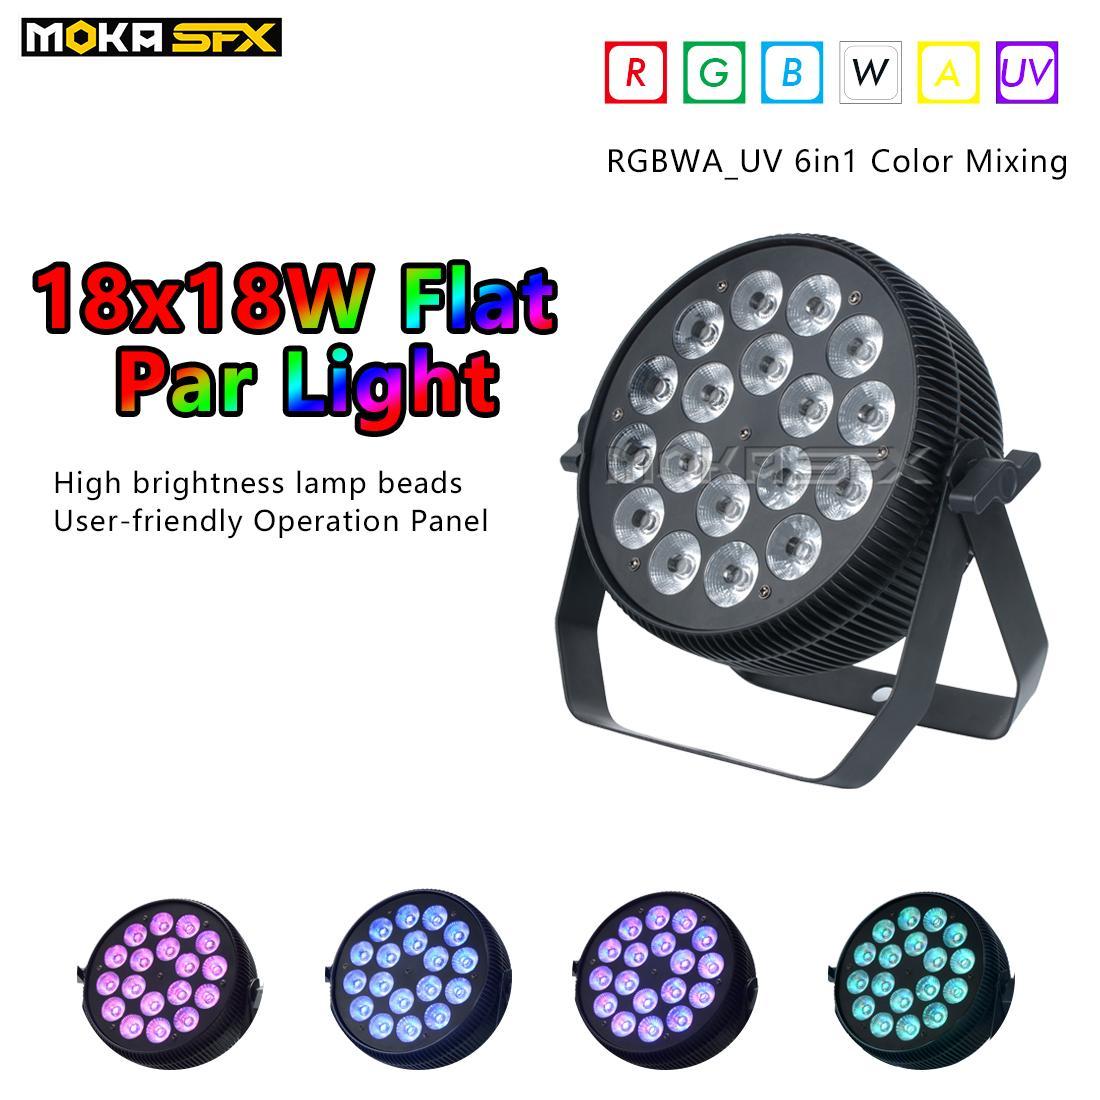 2pcs / lot Son Profesyonel Disco Işıklar LED Par 18 * 18W RGBWA + UV Düz Dj Par Işık Sahne Işıkları için Düğünler Gece Kulübü Parti Işıklar